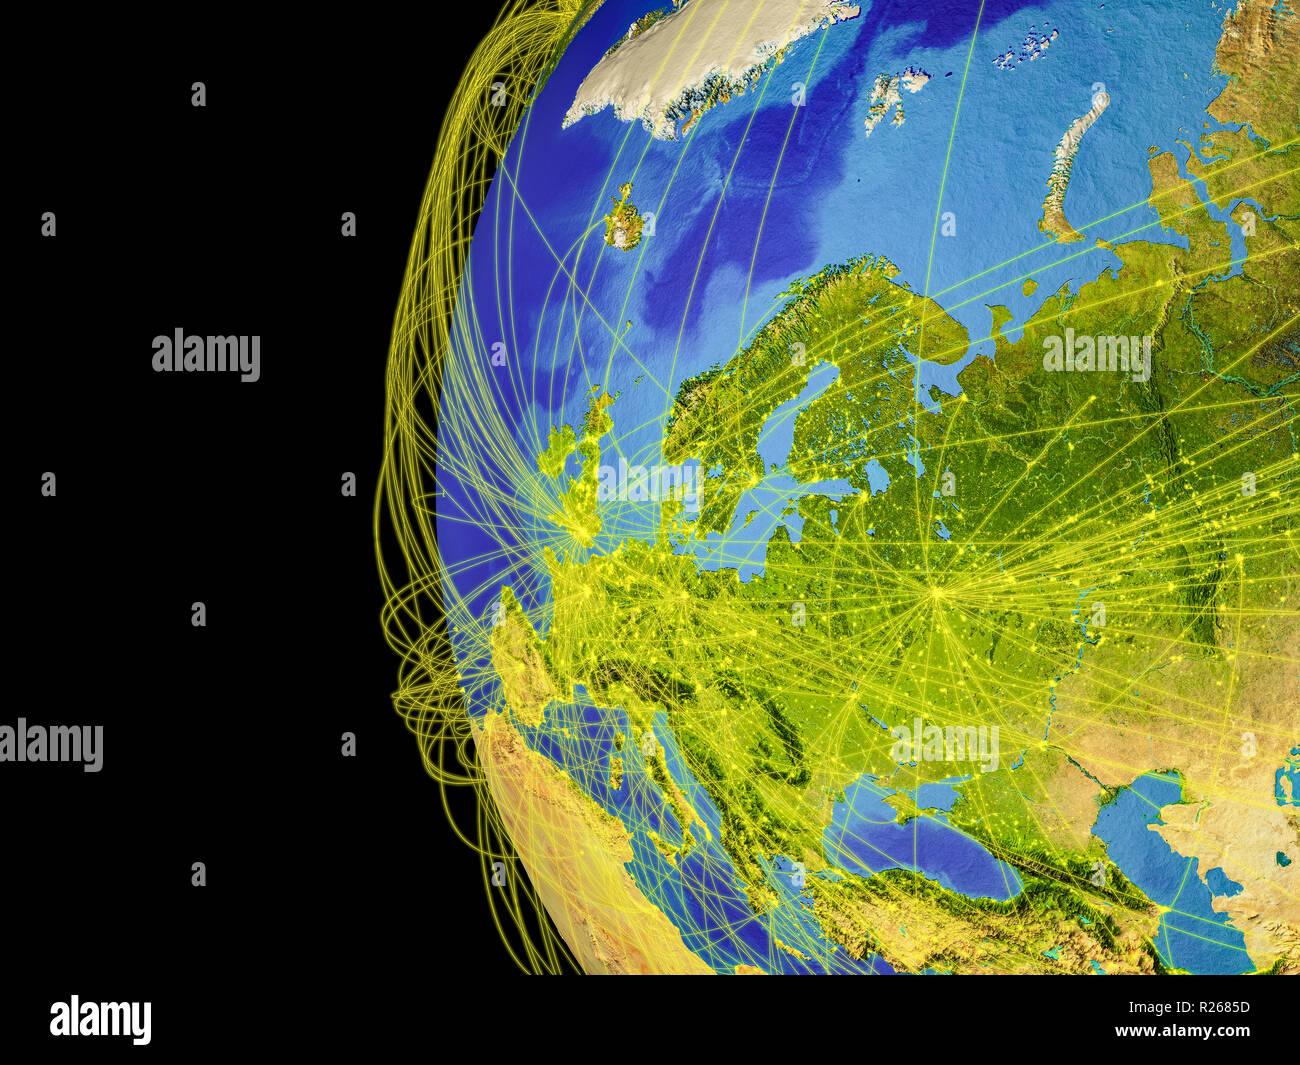 Europa aus dem All auf dem Planeten Erde mit Linien, globale Kommunikation, Reisen, Verbindungen. 3D-Darstellung. Elemente dieses Bild eingerichtet Stockfoto